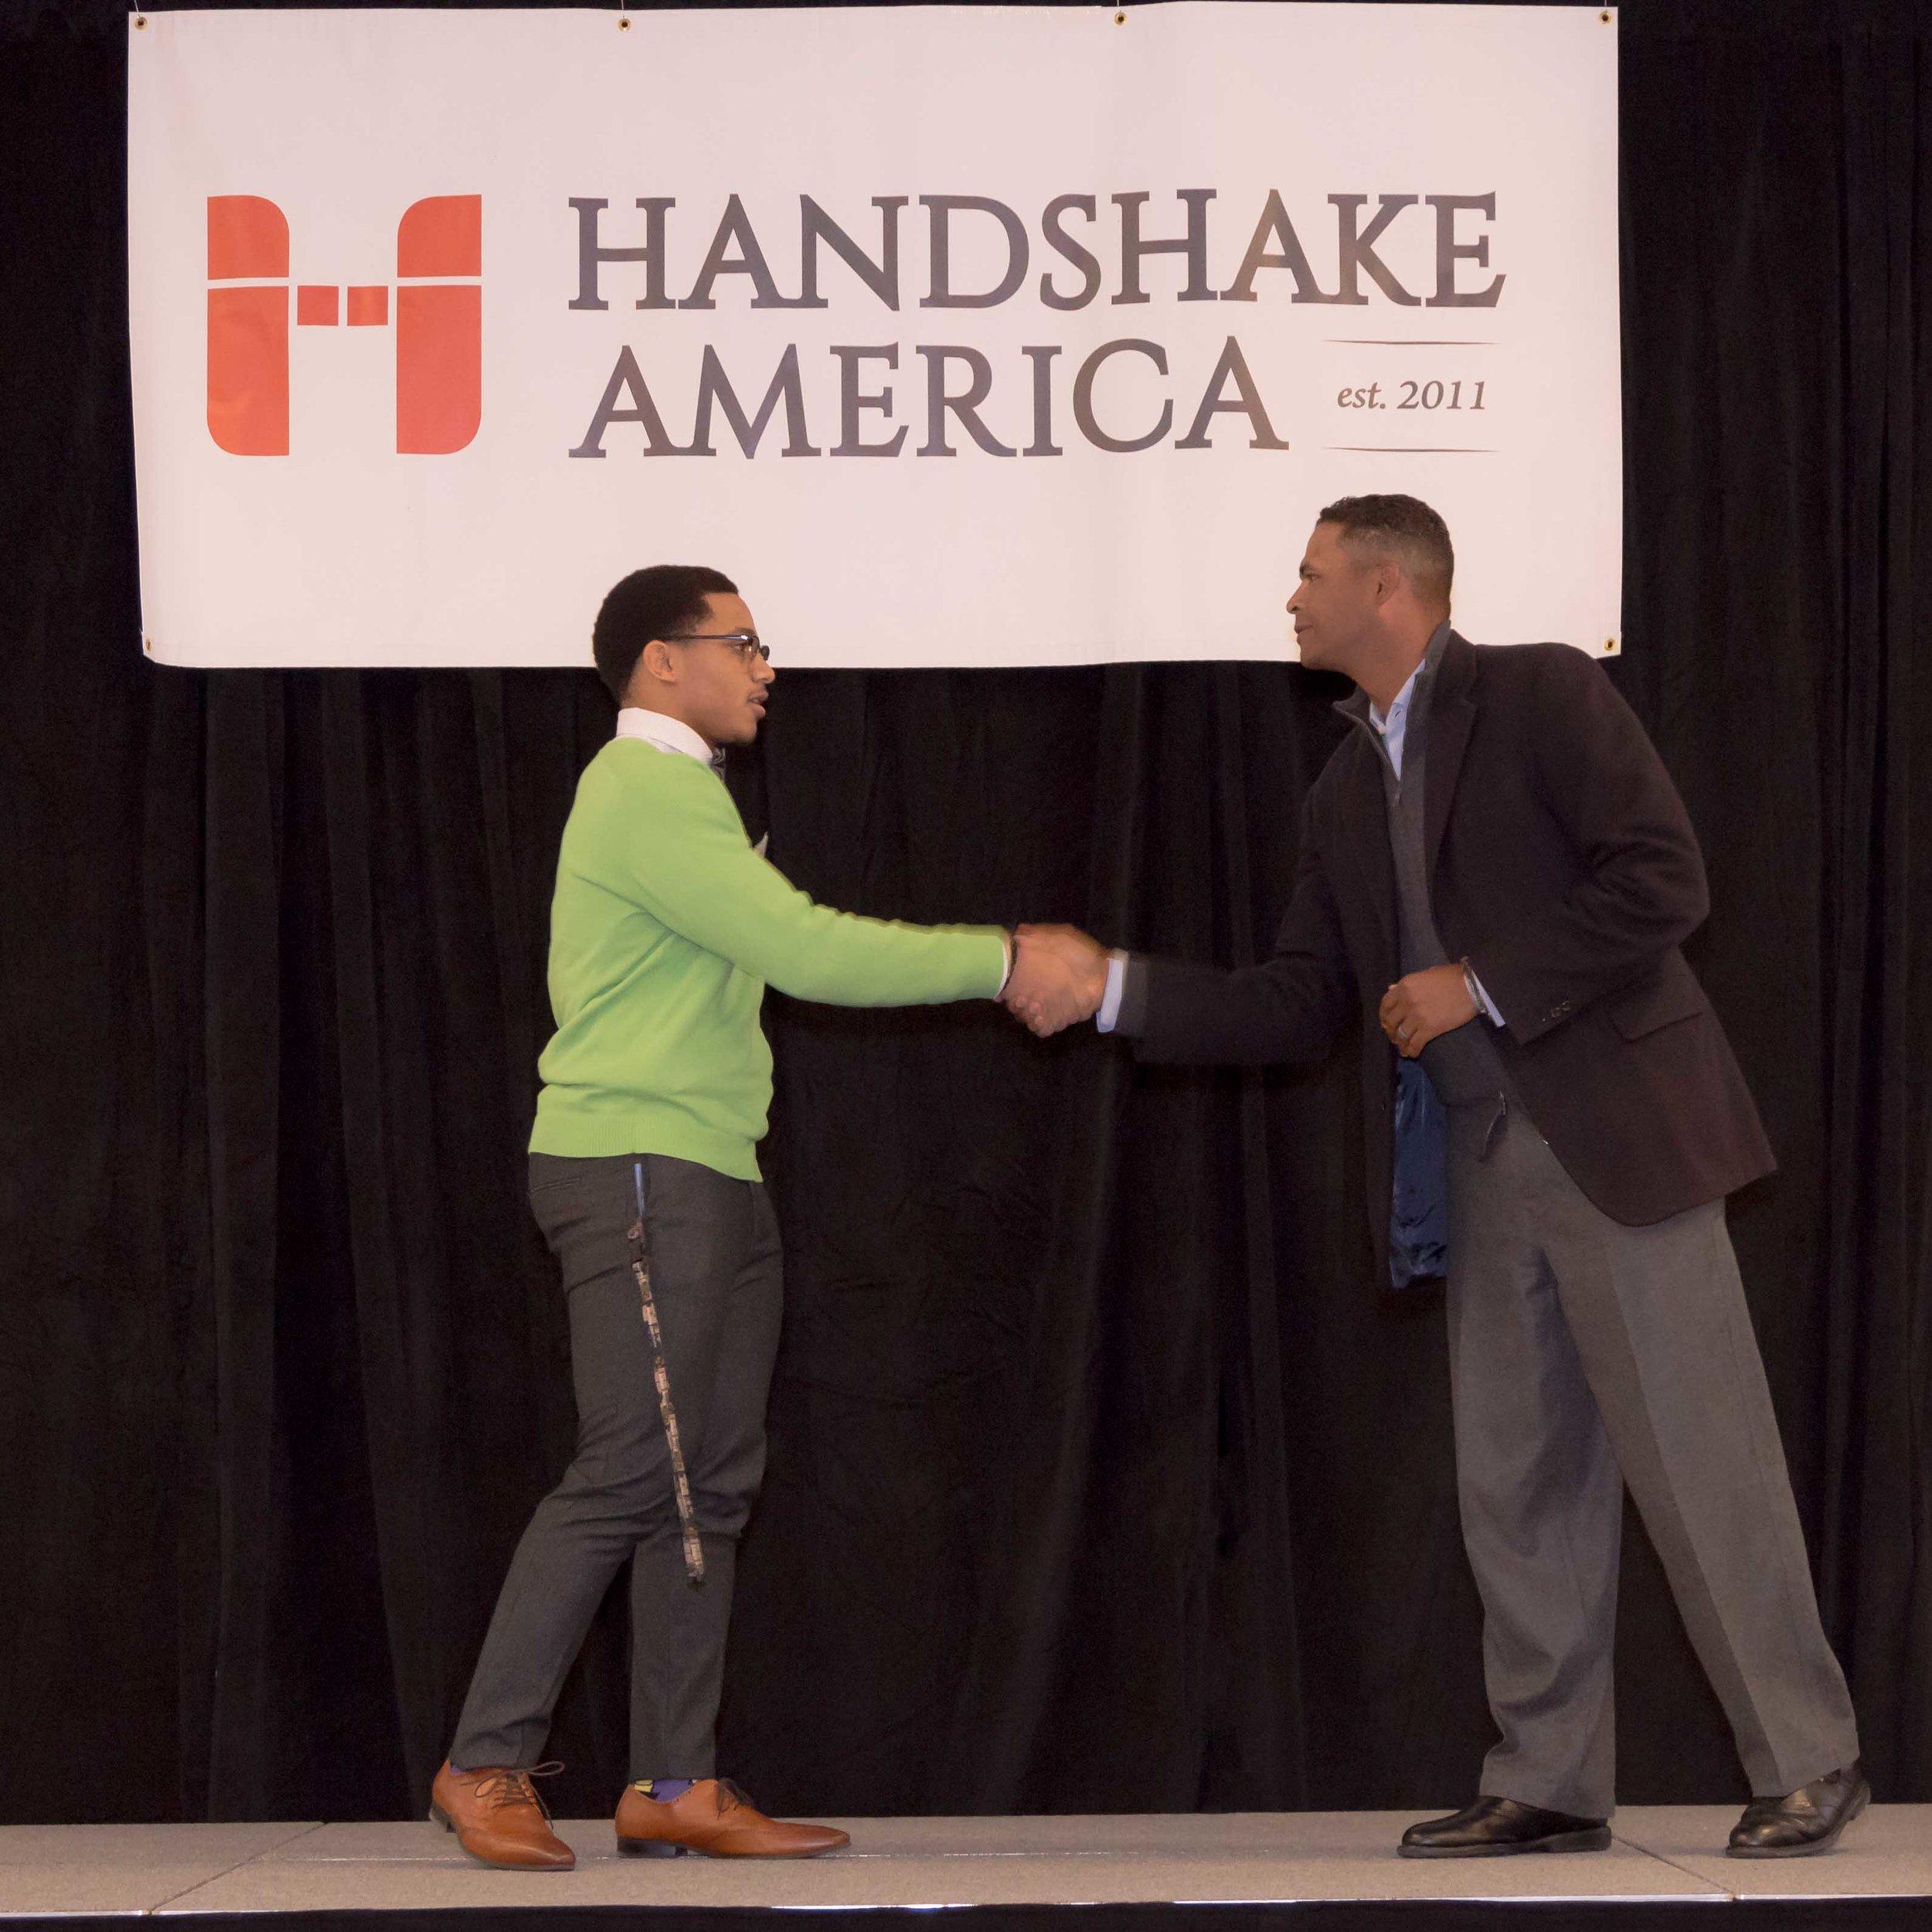 IMG_1155 The Handshake R.jpg